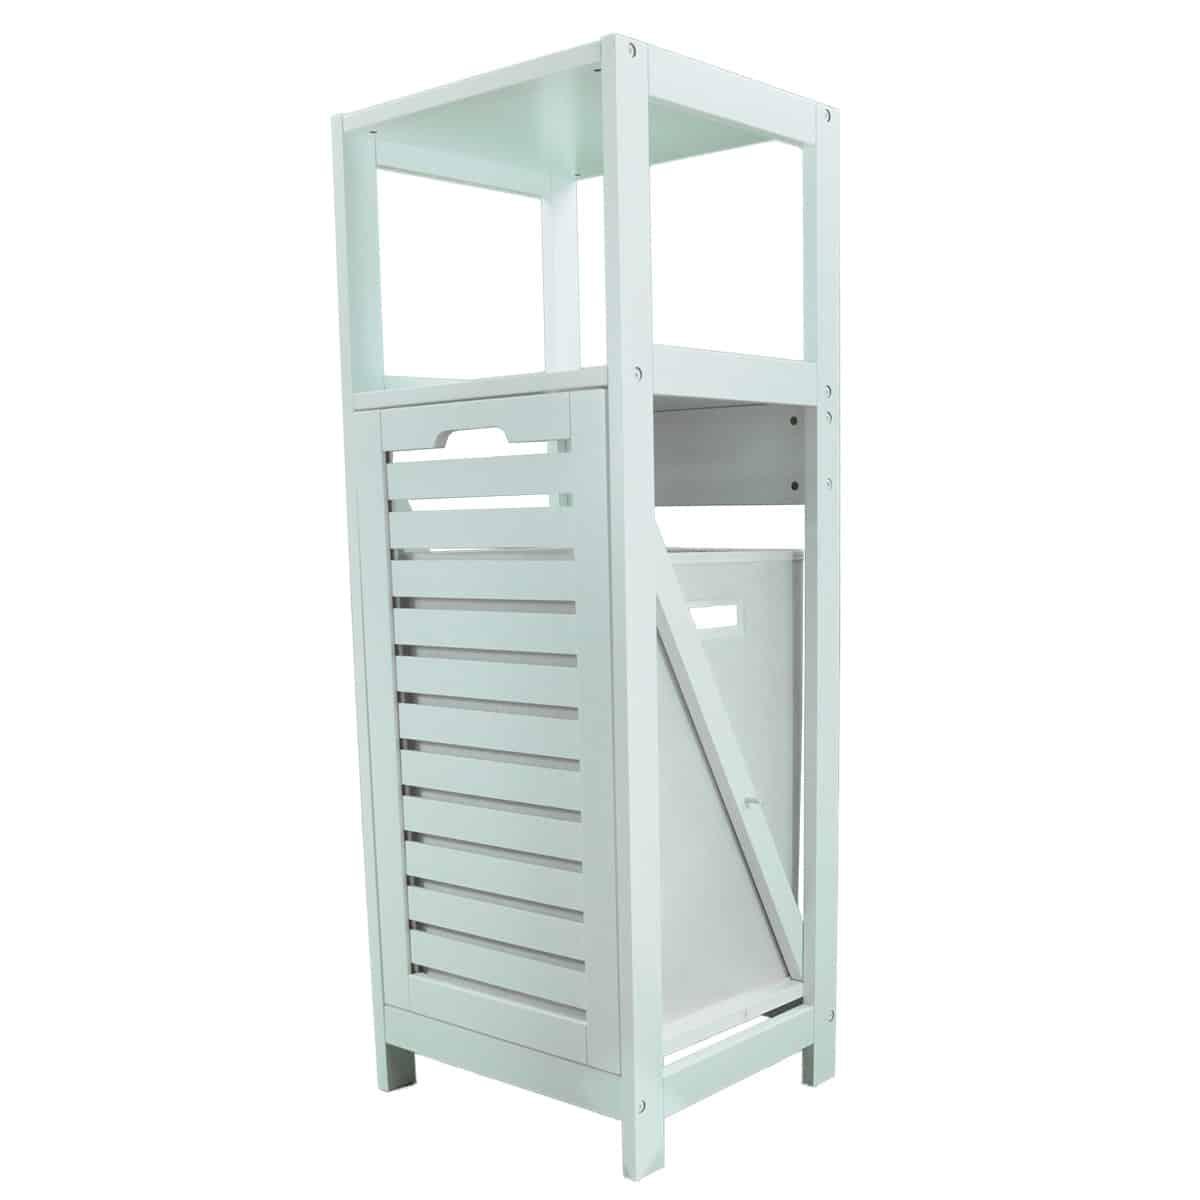 Tilt Out Laundry Linen Hamper Cabinet White